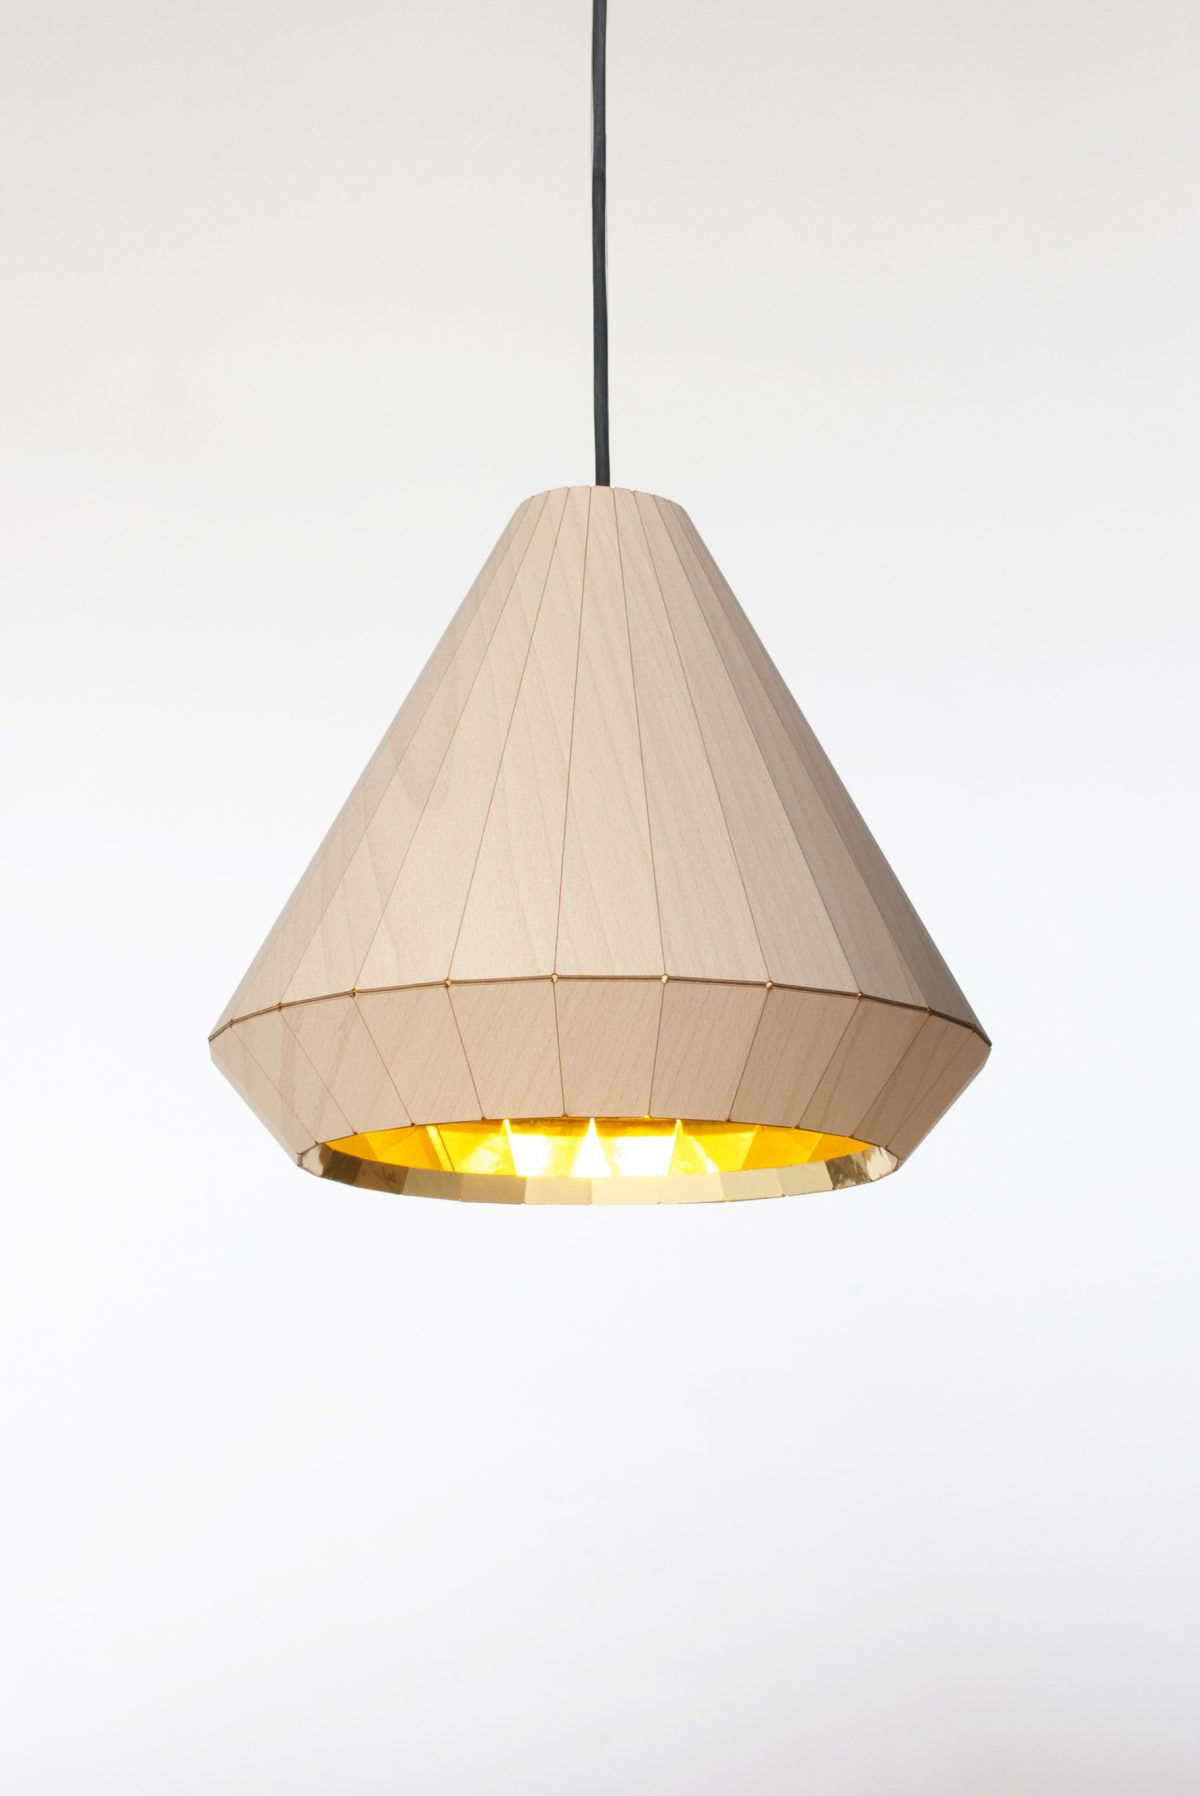 Hanglamp Wooden Light aan -David Derksen Design